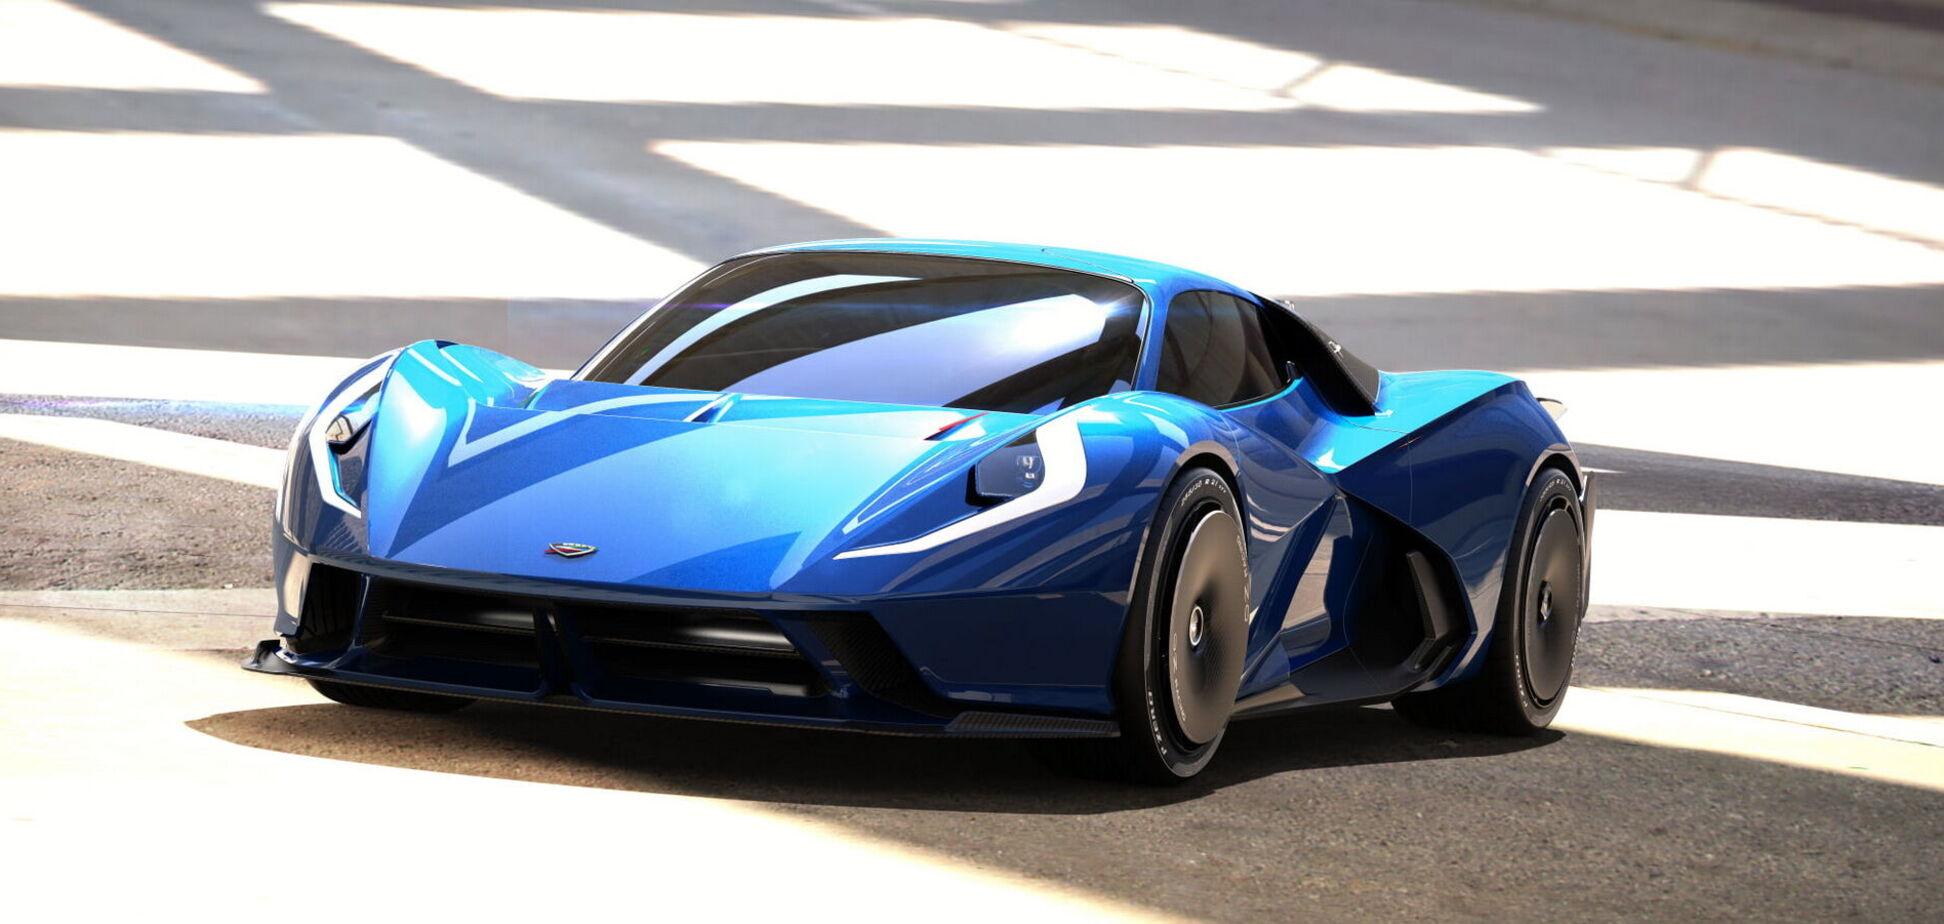 Суперкар Estrema Fulminea з Італії отримає 2040-сильний мотор